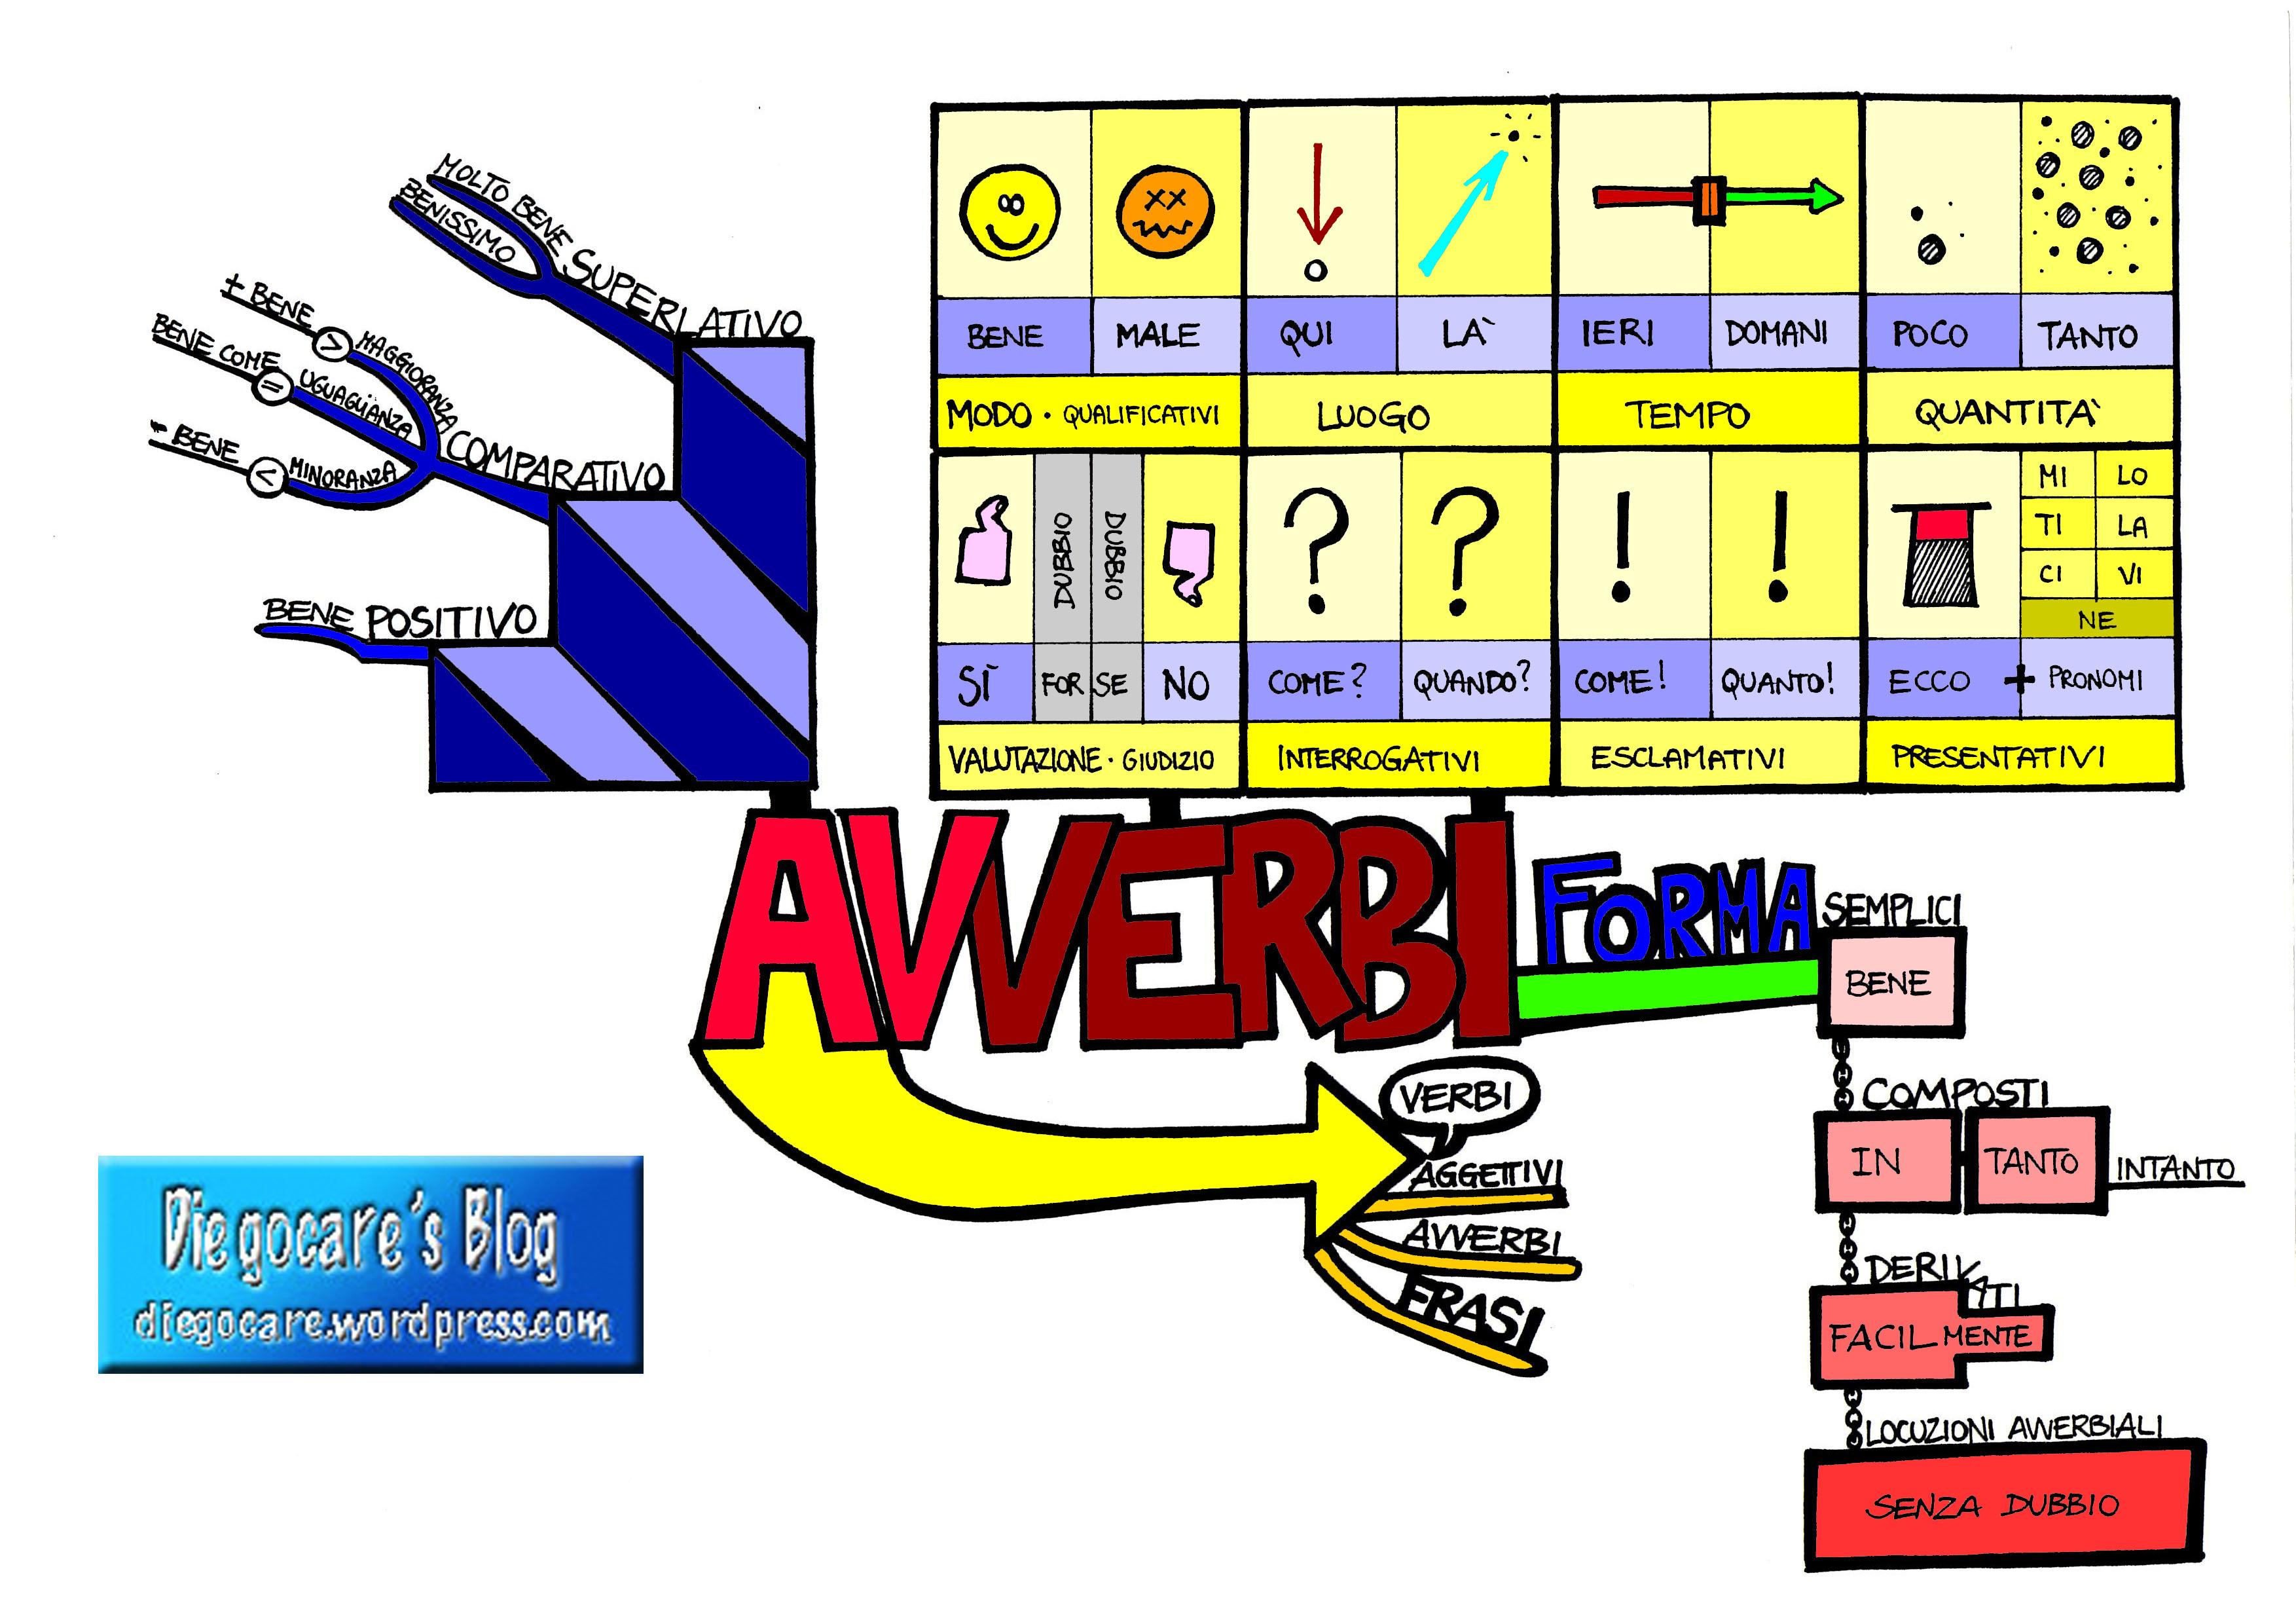 MAPPE: GRAMMATICA Avverbi_completa_etichetta_colore